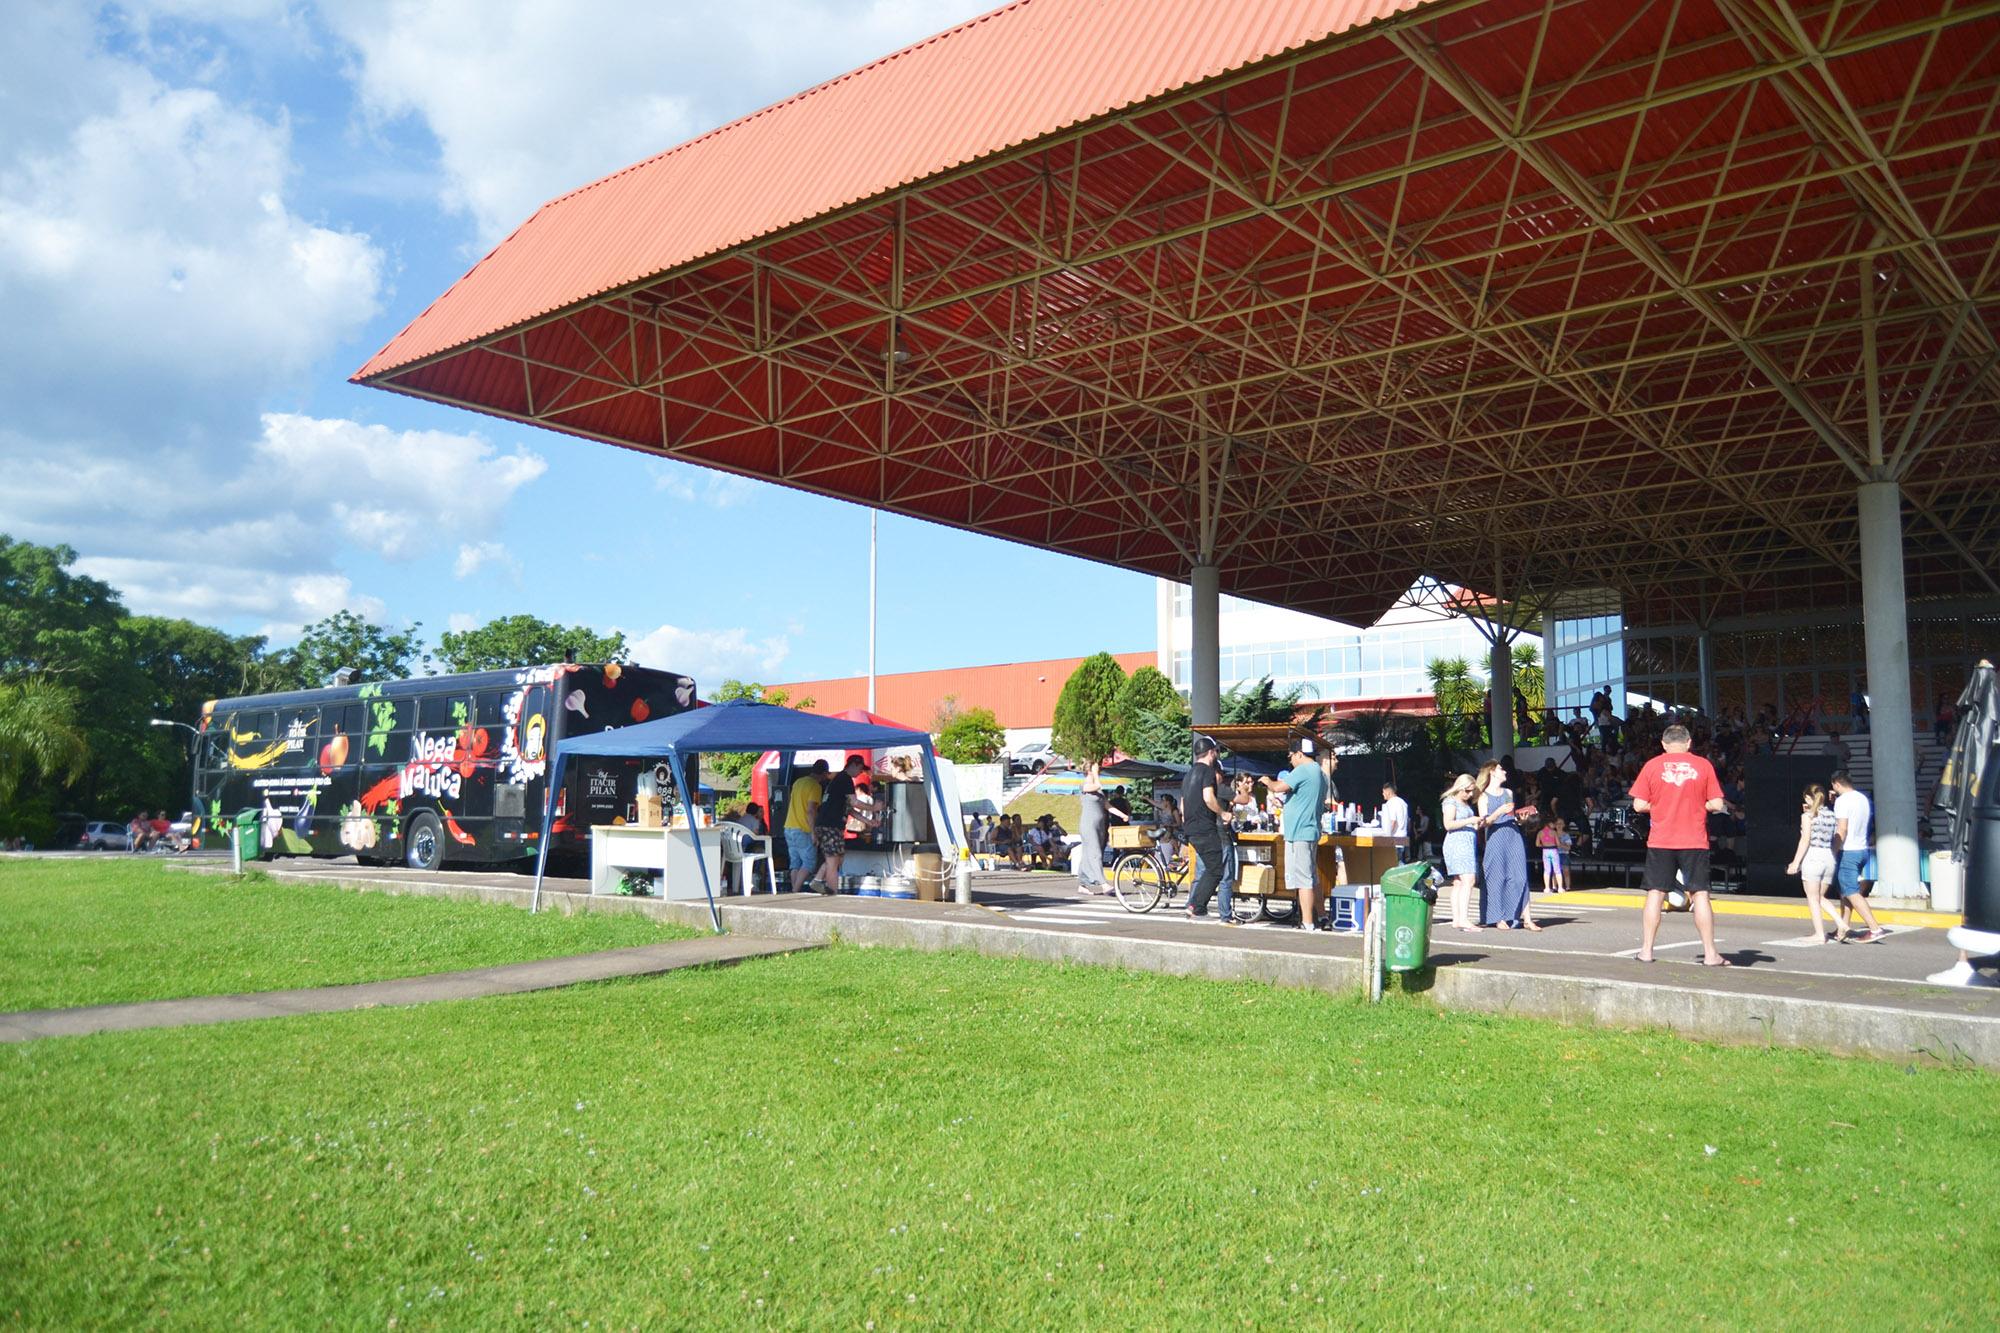 Domingo no Parque convida comunidade para confraternizar